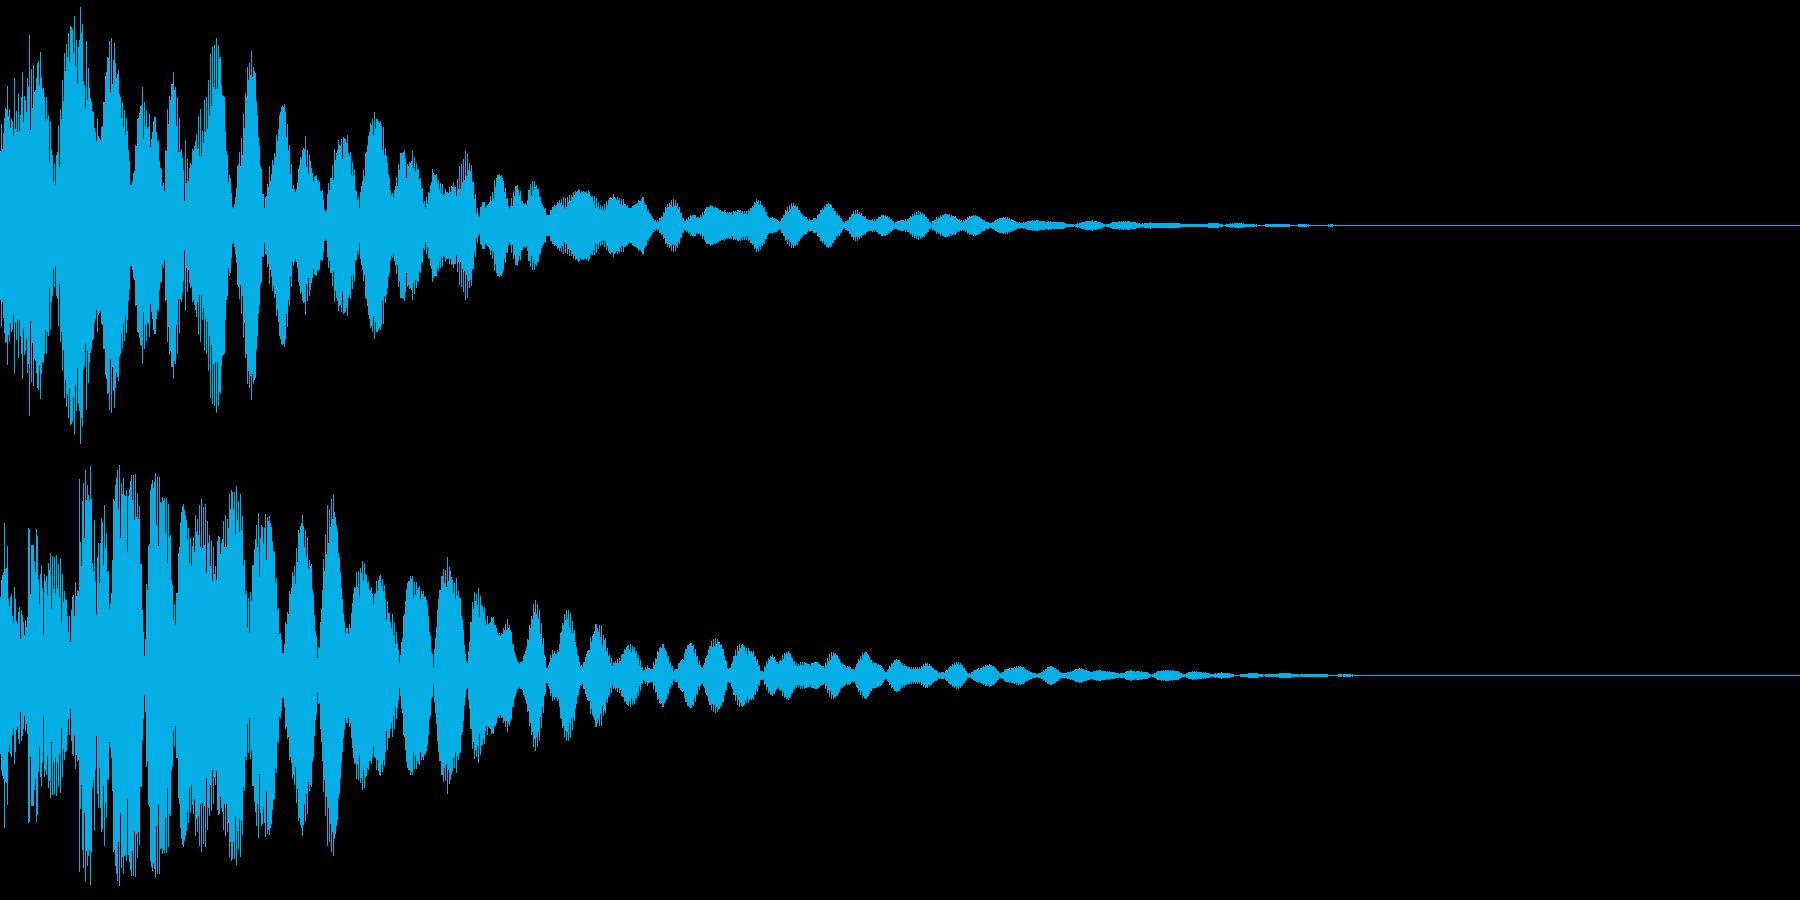 ボロリン~の再生済みの波形